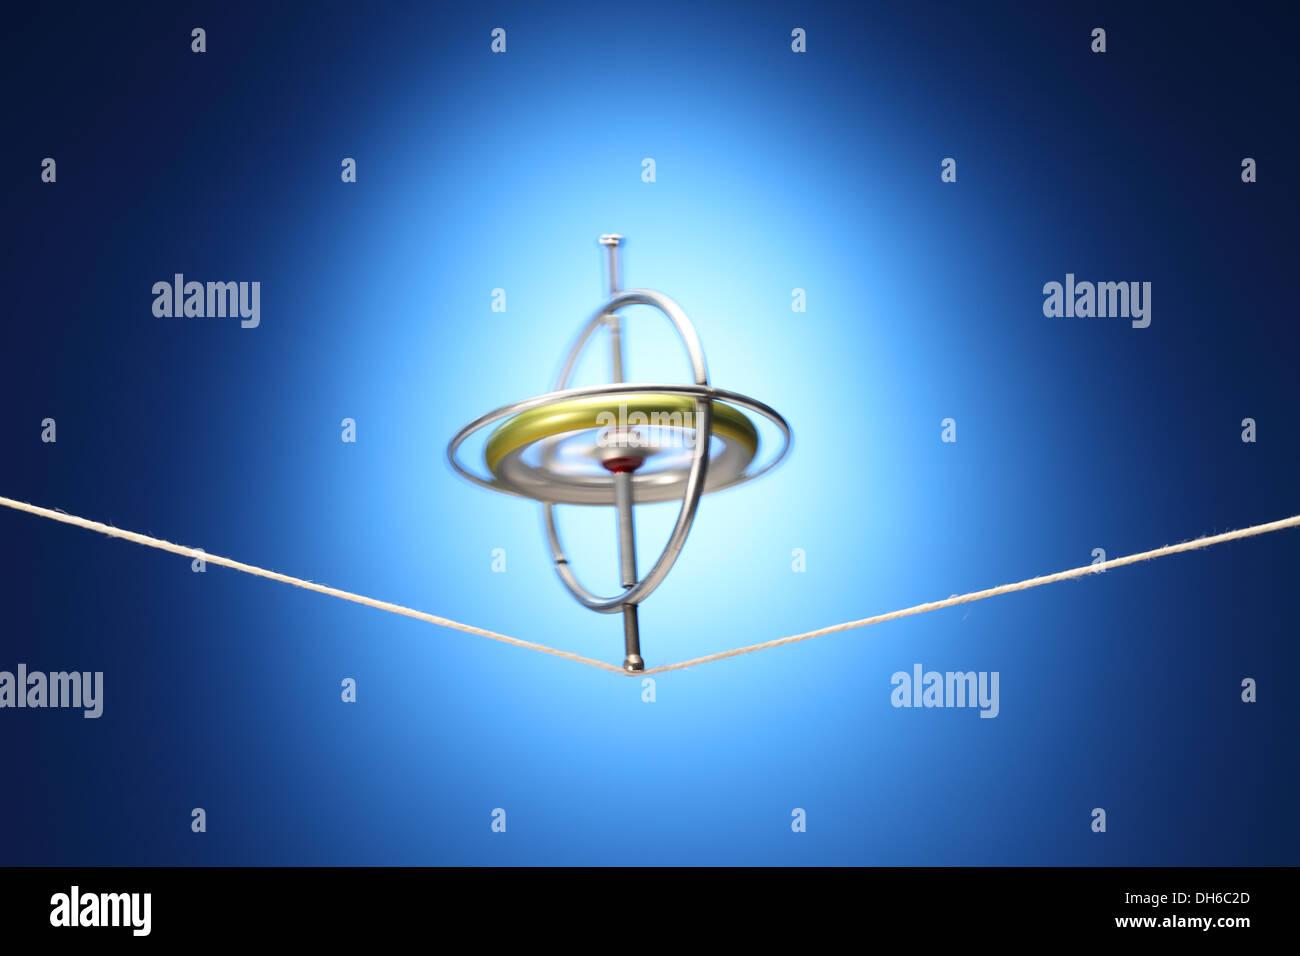 Un giroscopio girando equilibrado sobre un paño de cadena. Imagen De Stock